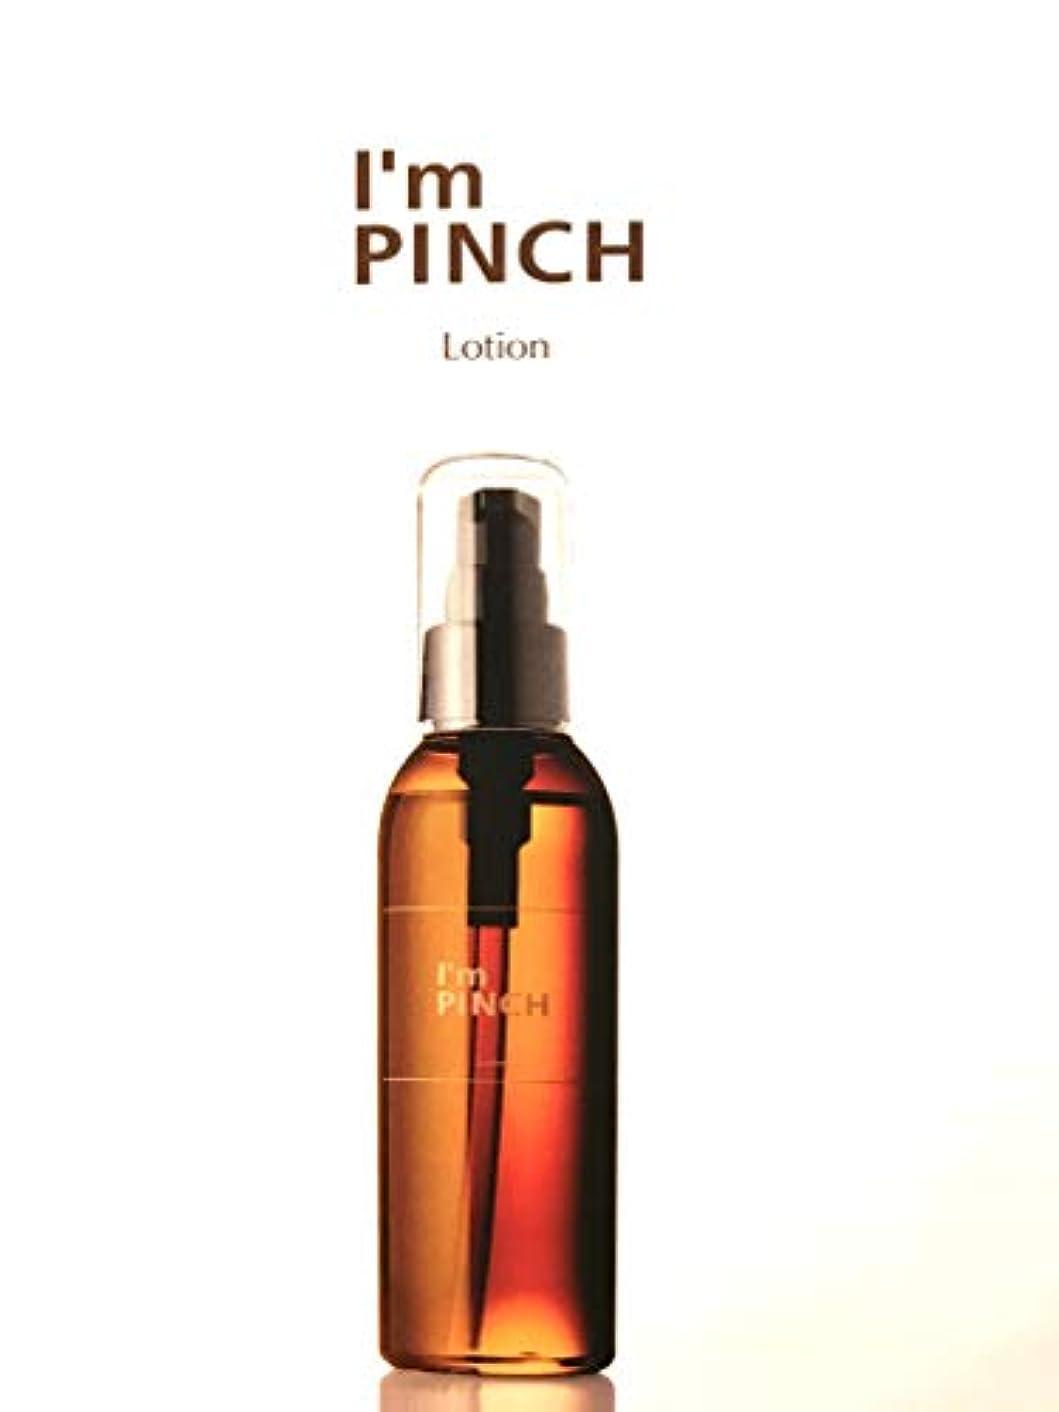 発音ステッチ温度計I'm pinch アイムピンチ ローション (化粧水) 150ml